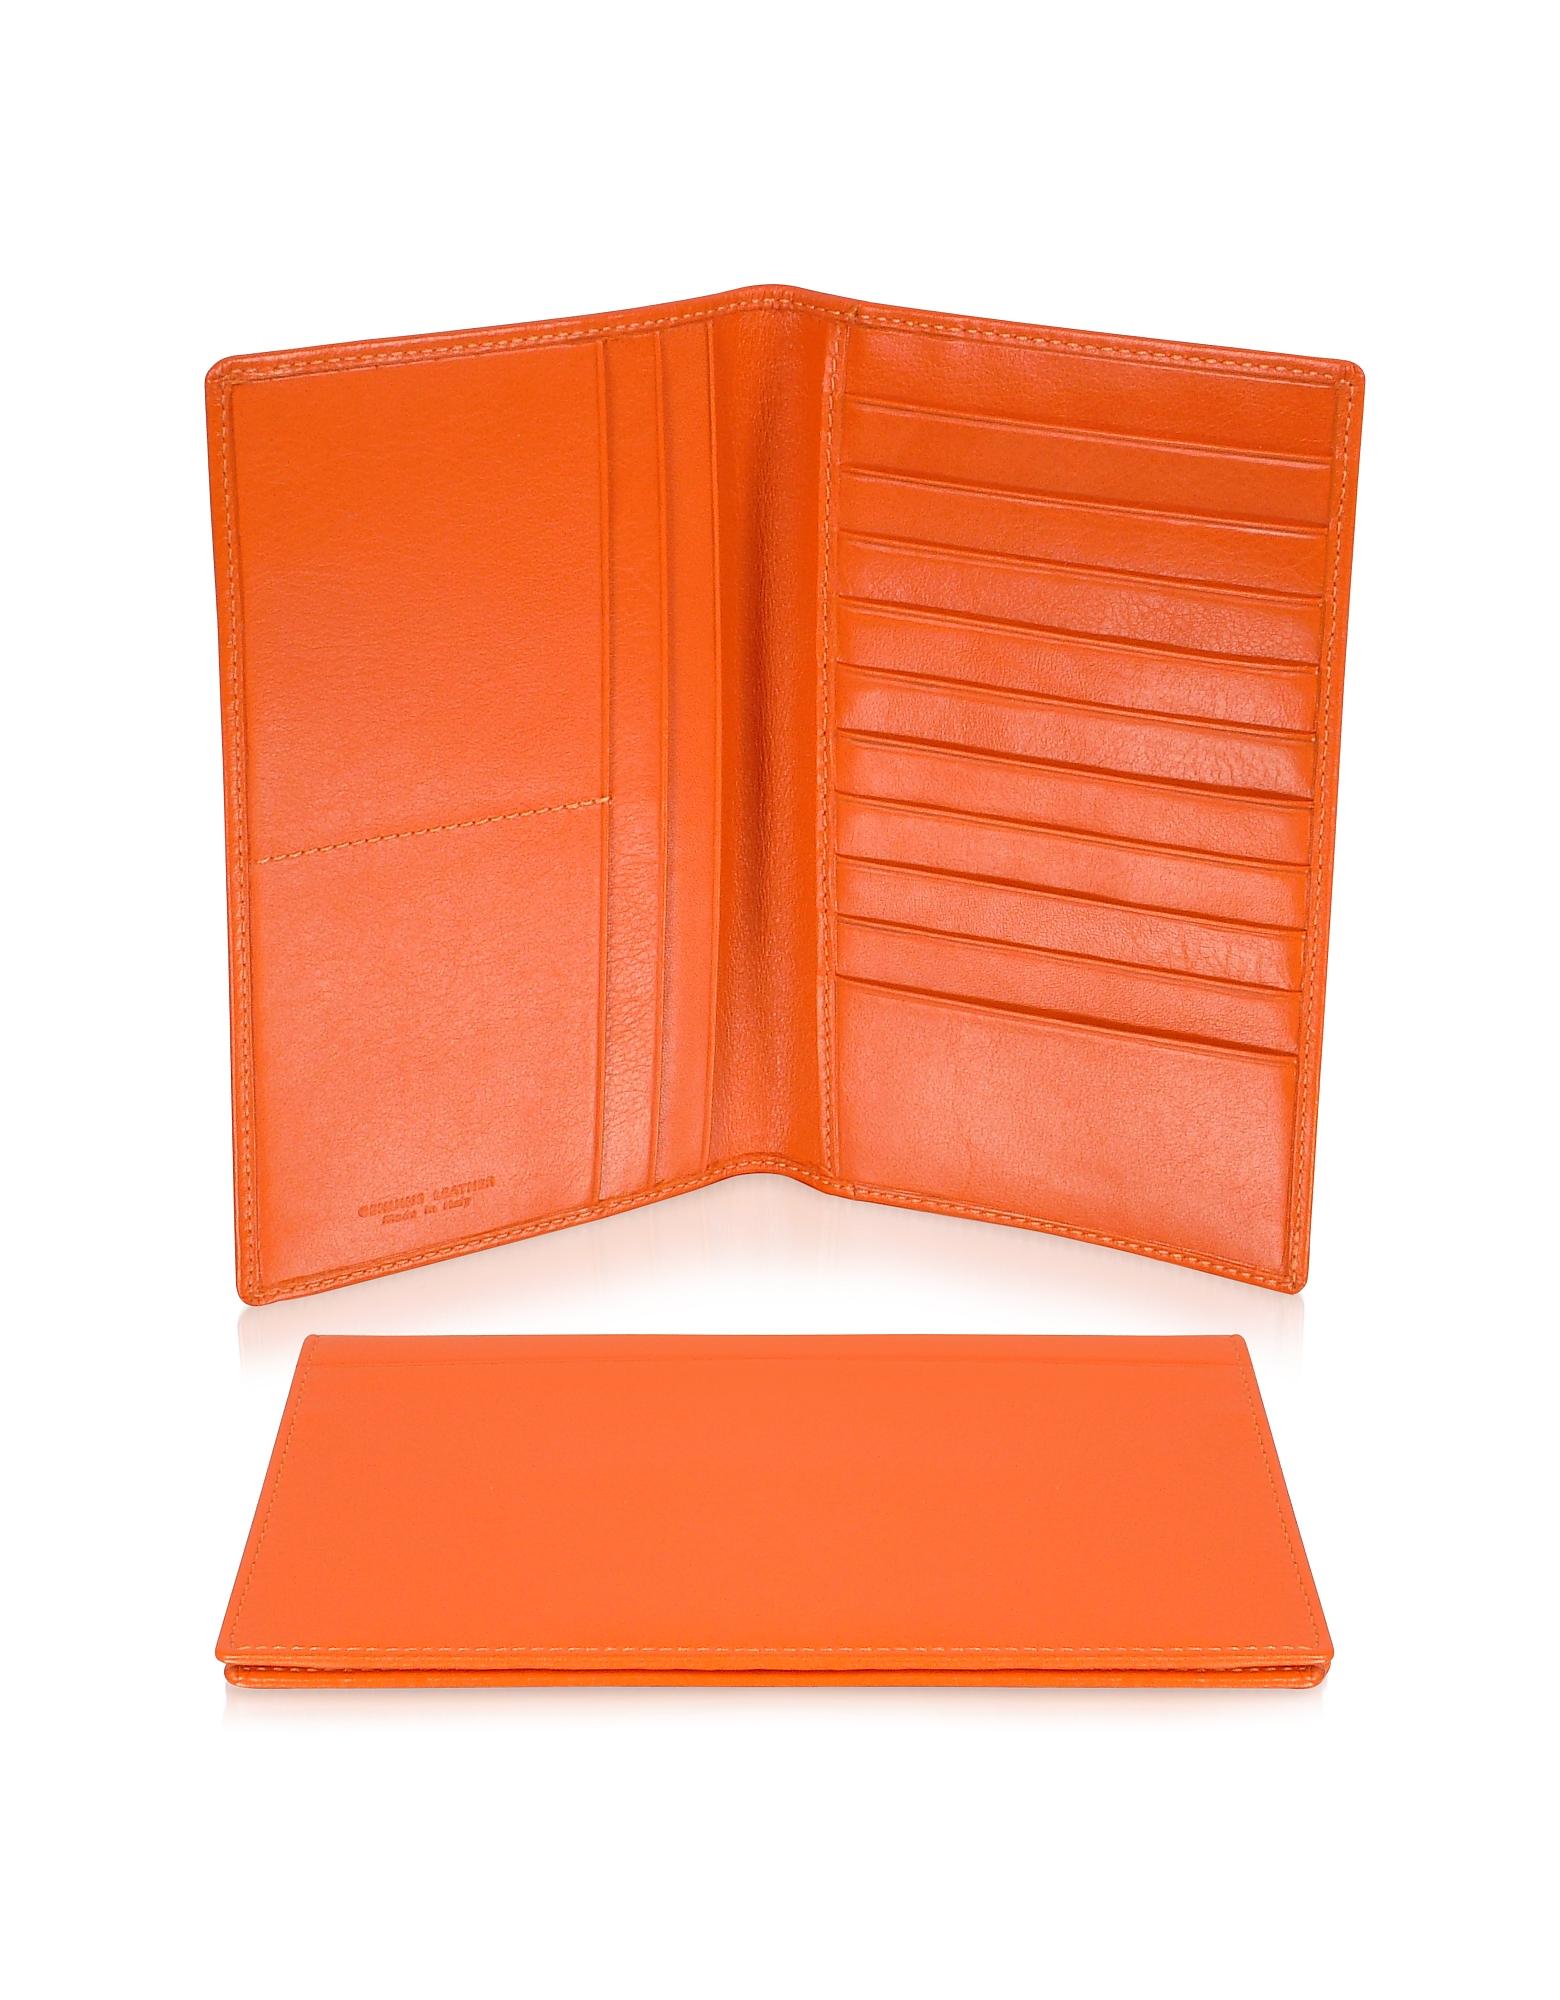 Classica Collection - Оранжевый Вертикальный Бумажник из Кожи Теленка